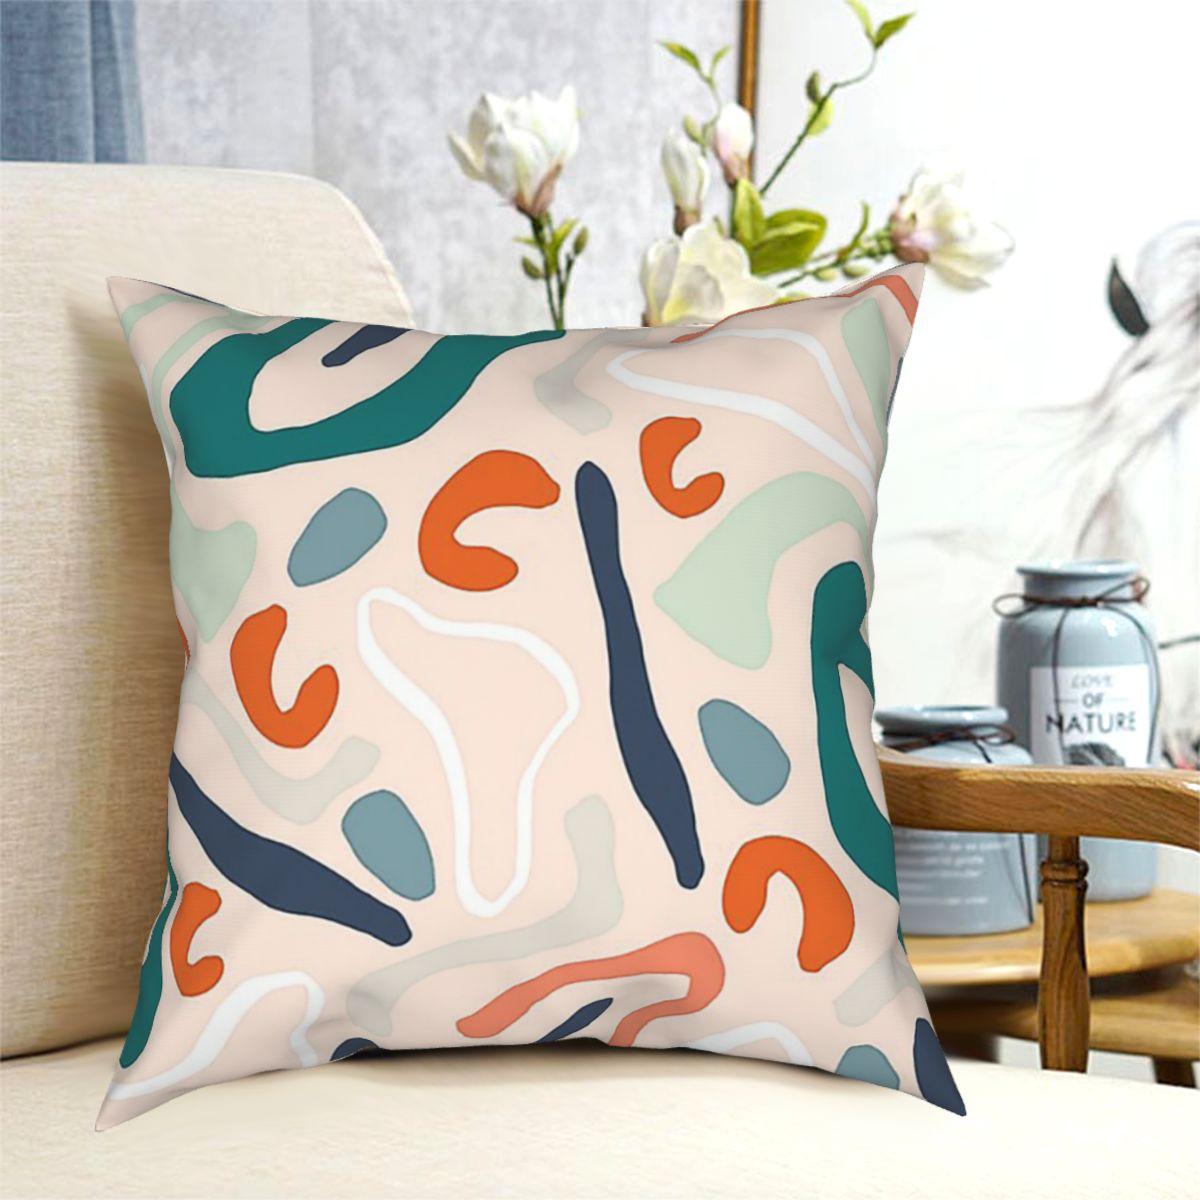 Современная простая абстрактная напольная подушка, подушка для кровати, дорожная подушка, наволочка, декоративная подушка, чехол, домашние ...